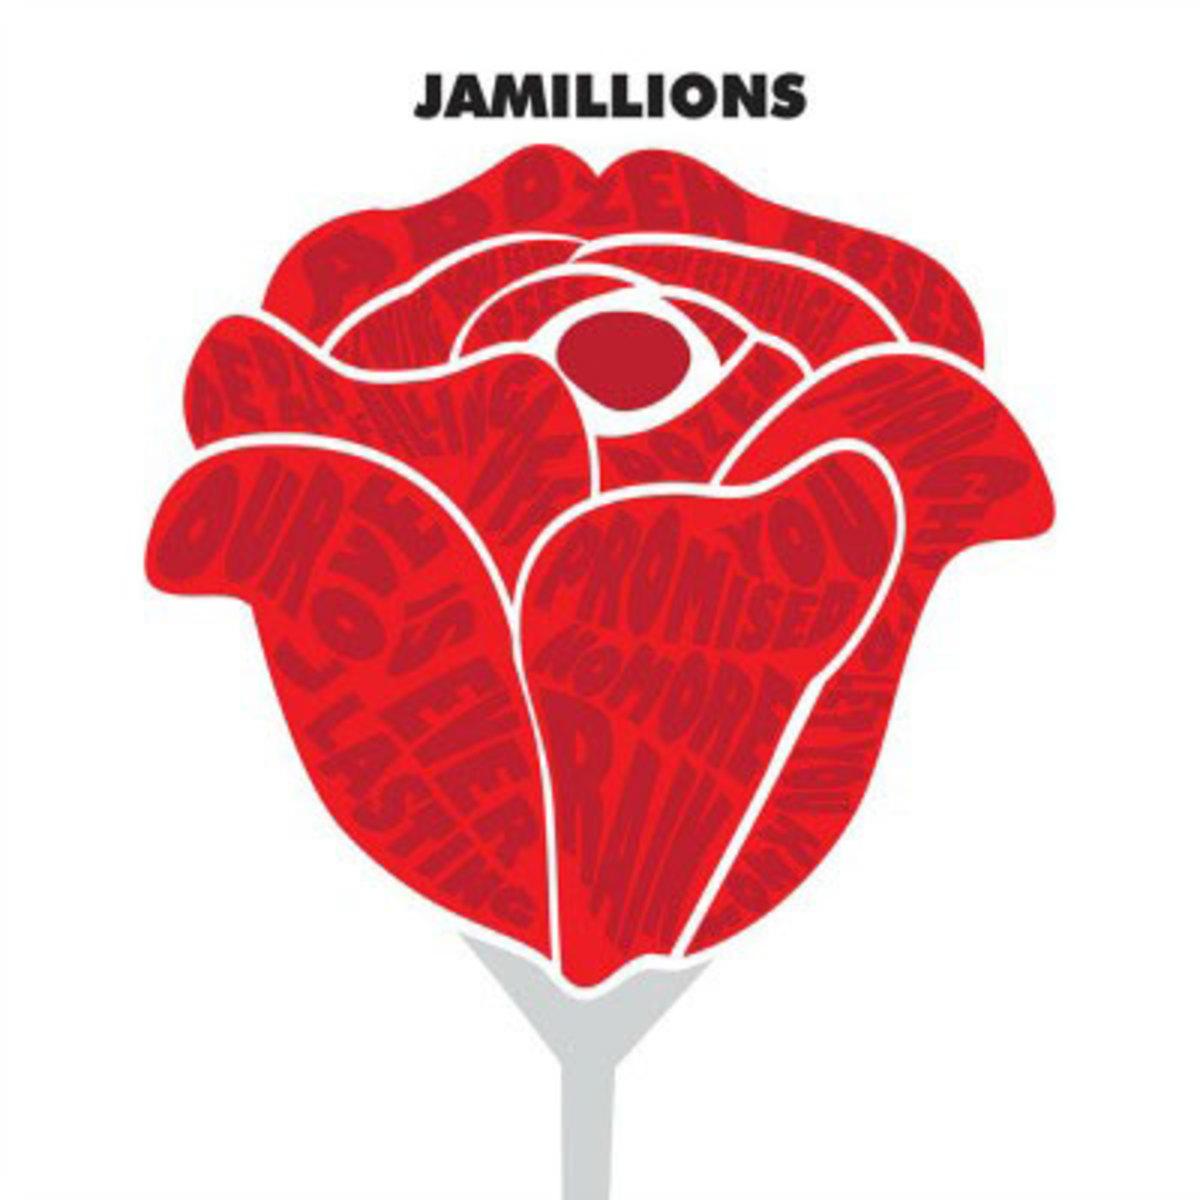 jamillions-dozenroses.jpg